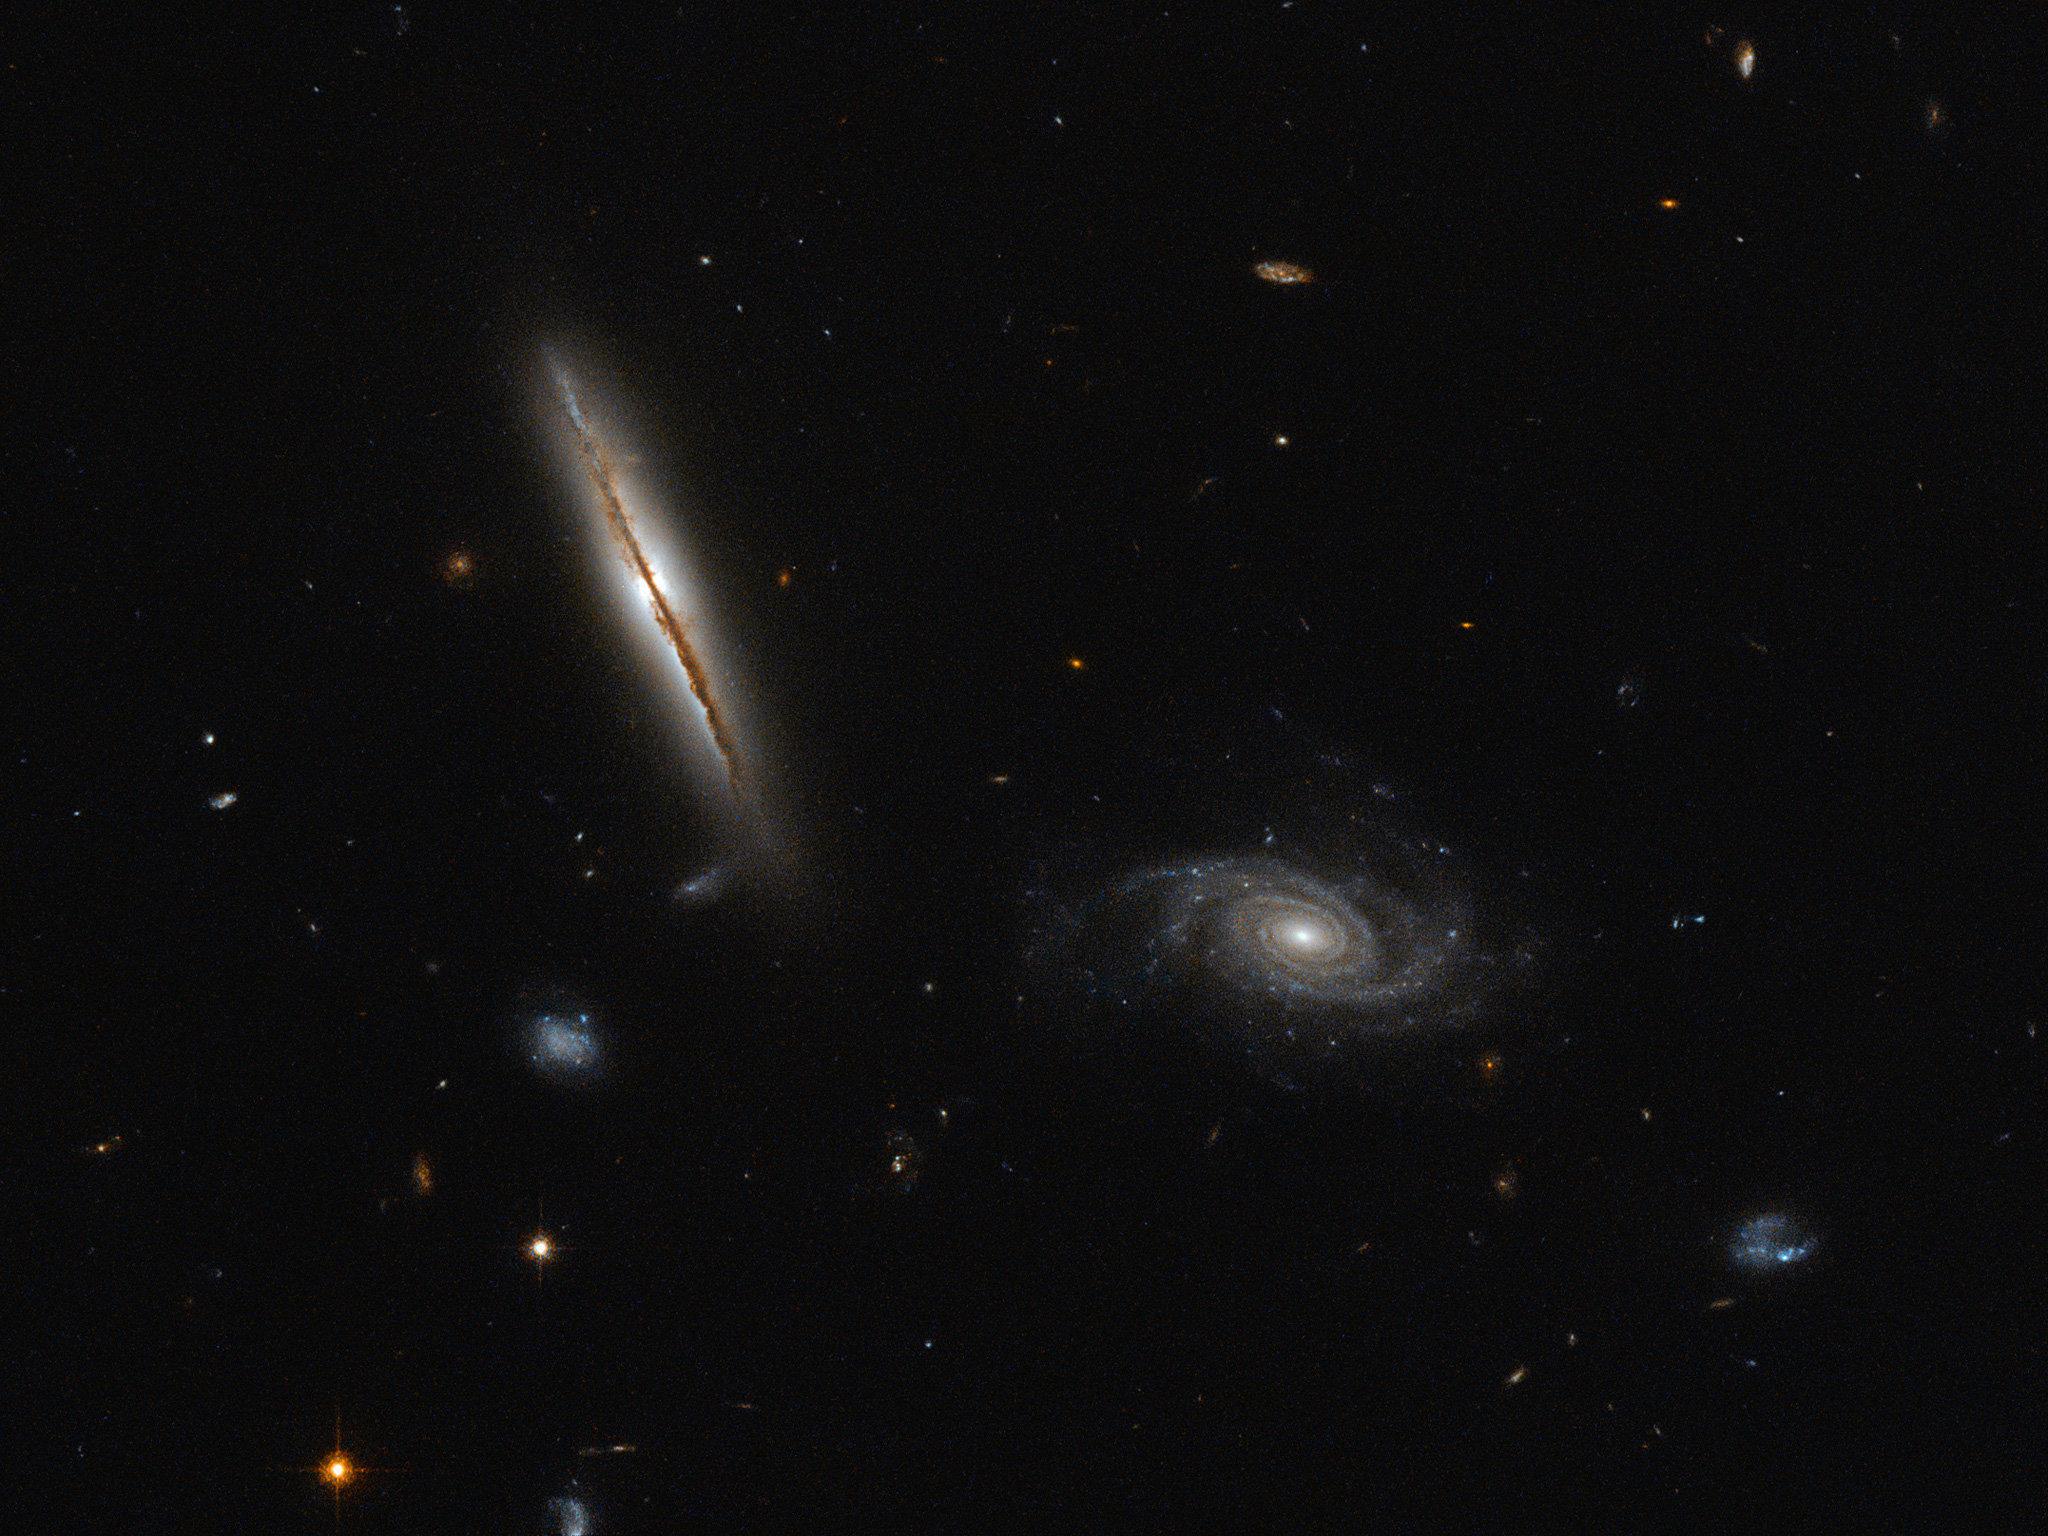 Le télescope Hubble a pris des photos d'une galaxie extraordinaire